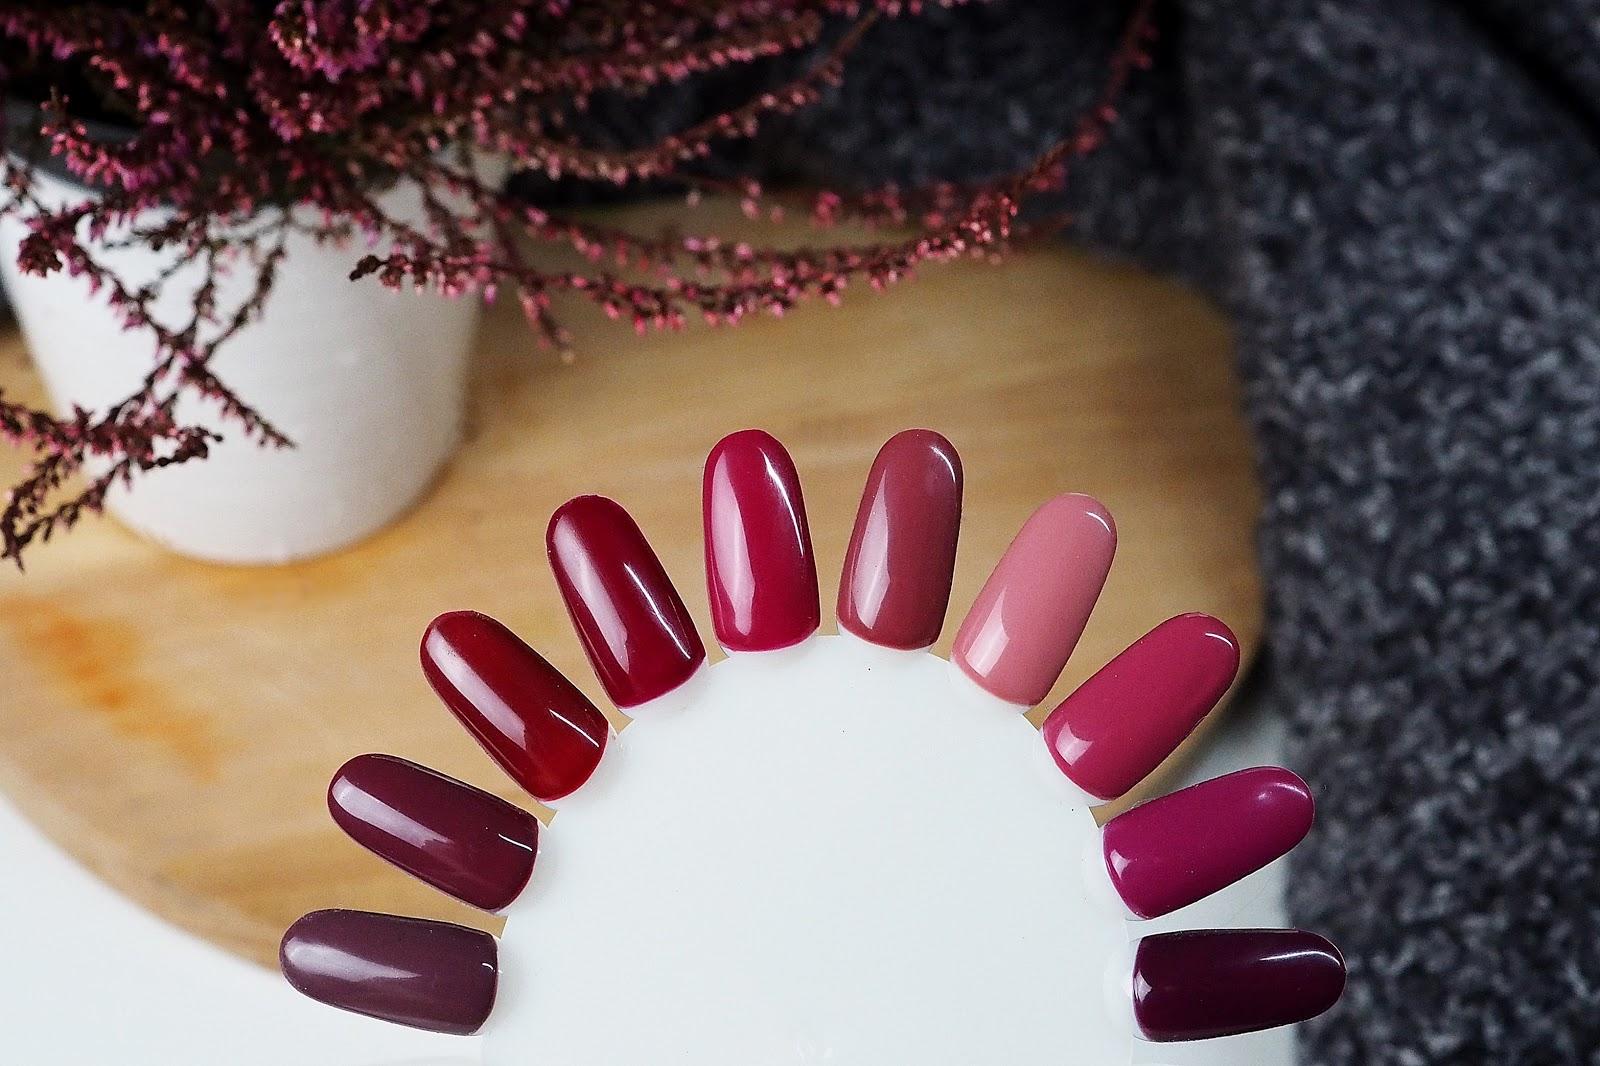 Najpiekniejsze Kolory I Trendy Na Jesienne Paznokcie Pata Bloguje